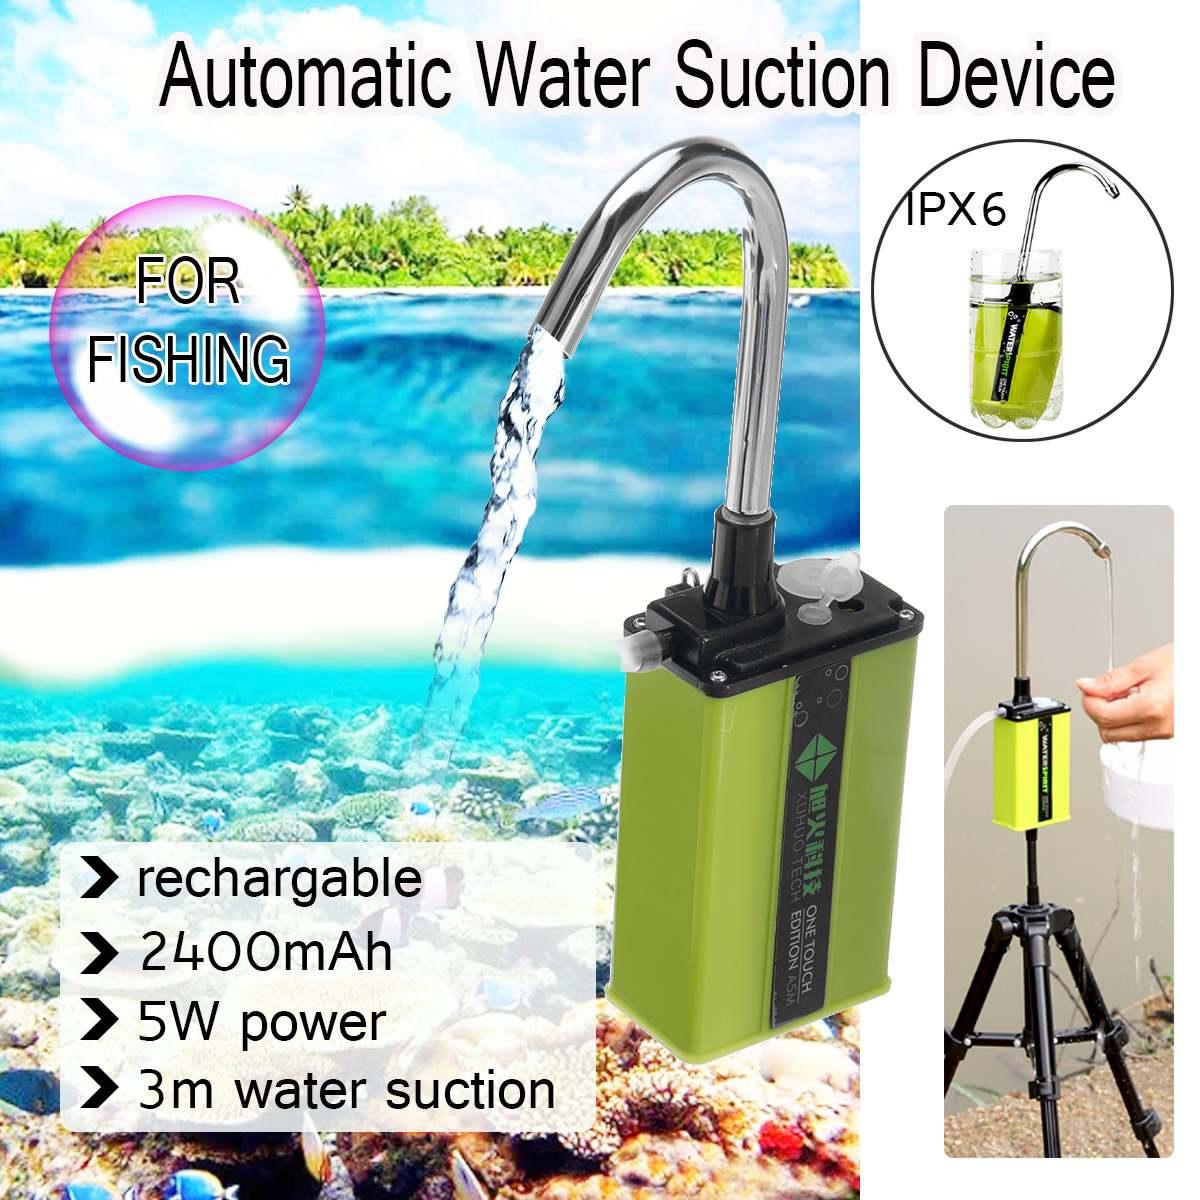 Pesca Anilhas de Carga Dispositivo de Sucção de Mão Da Bomba de Admissão Automática Máquina de Absorção De Água Ao Ar Livre Equipamento De Pesca Ferramenta